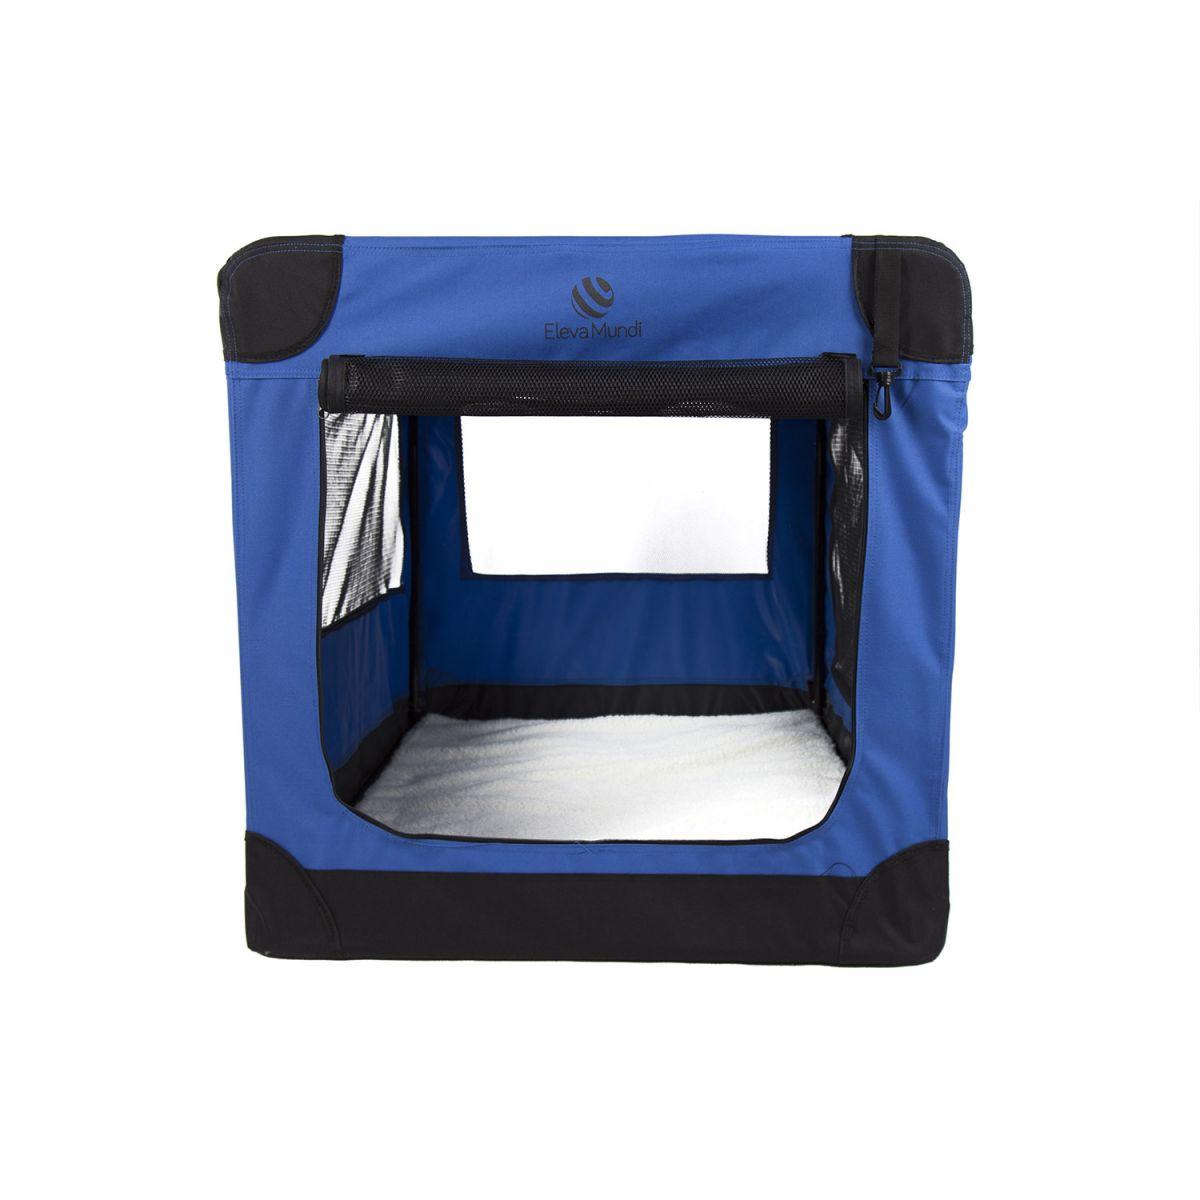 Casinha Móvel Dobrável Pet Holiday Tamanho XG Eleva Mundi - Azul